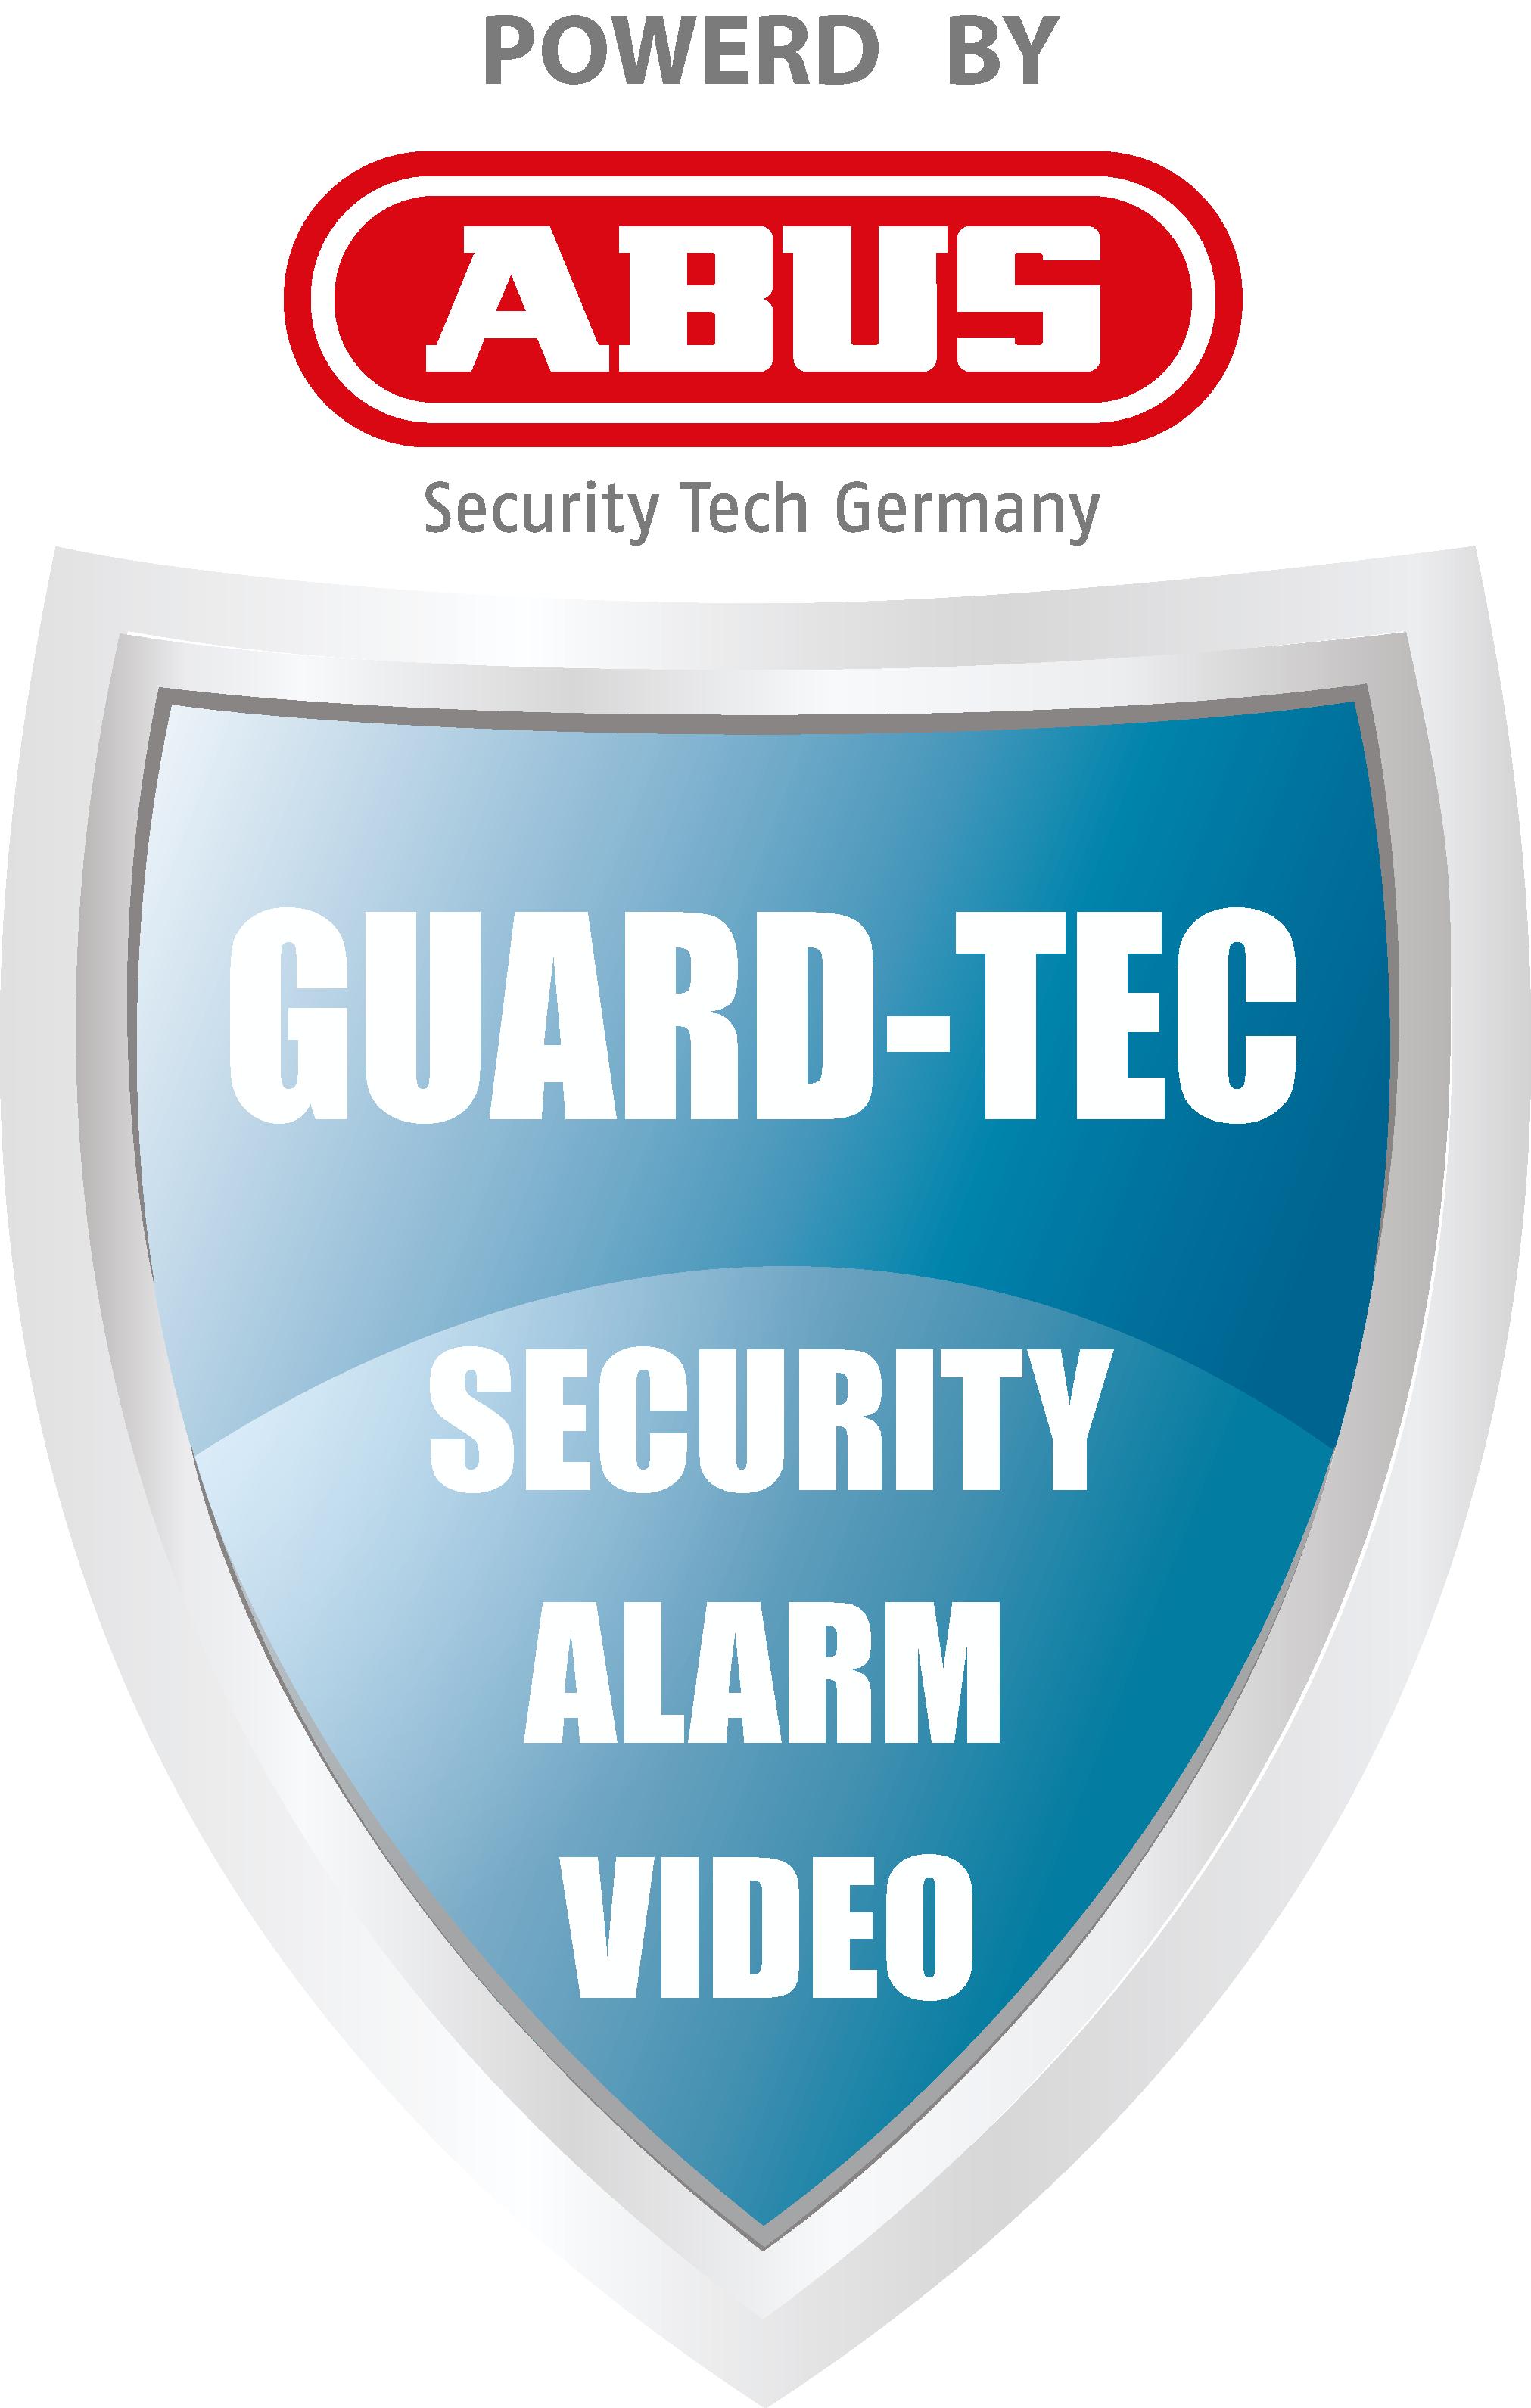 Guard Tec